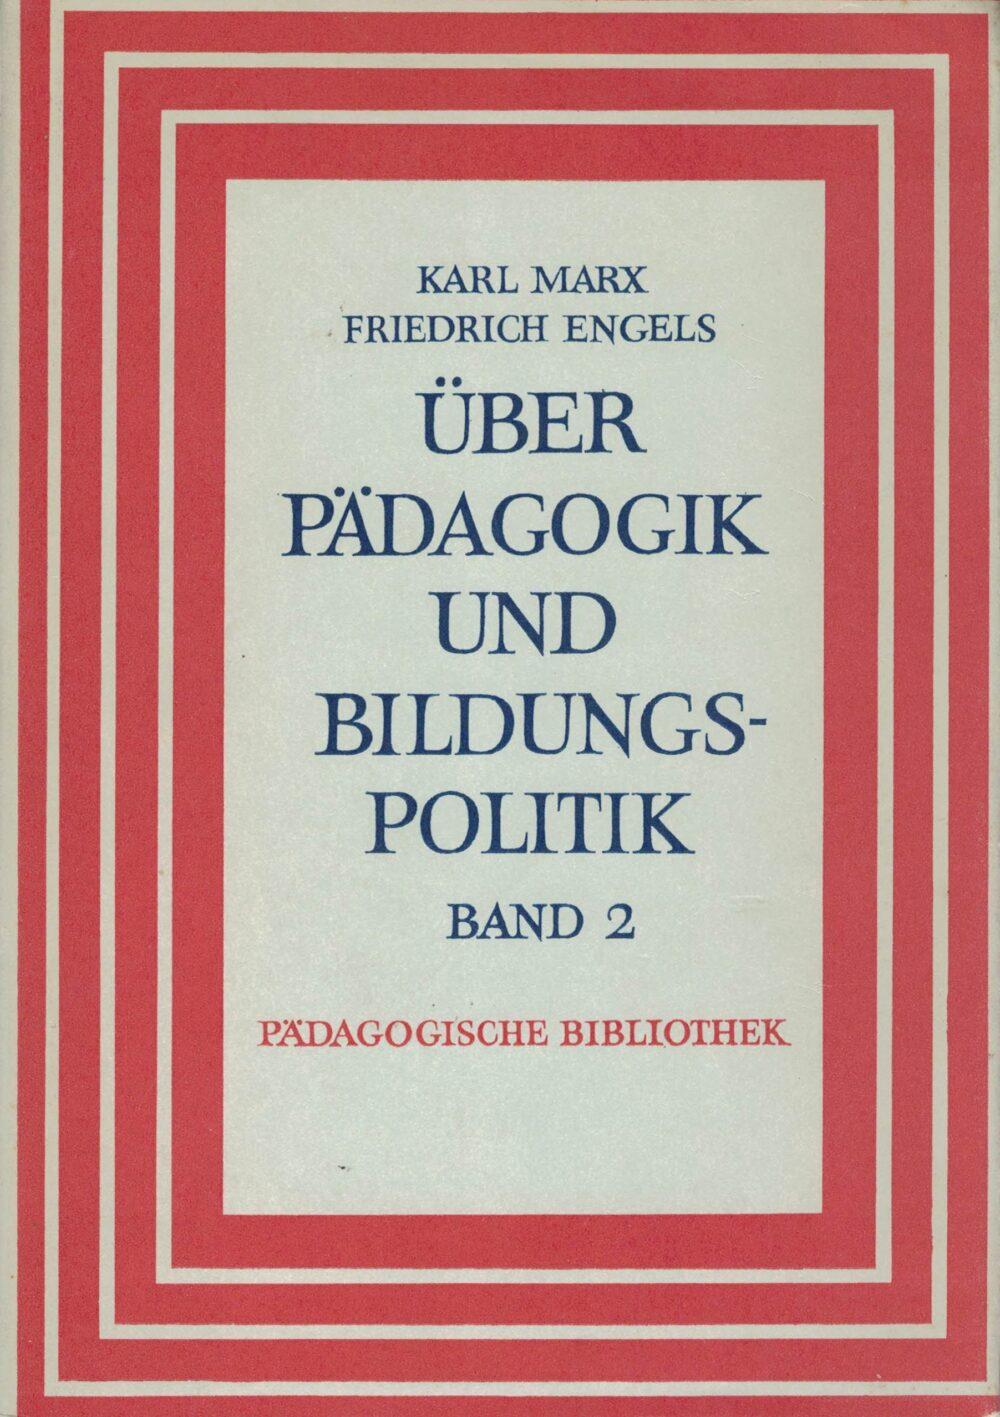 Karl Marx/Friedrich Engels - Über Pädagogik und Bildungspolitik - Band 2